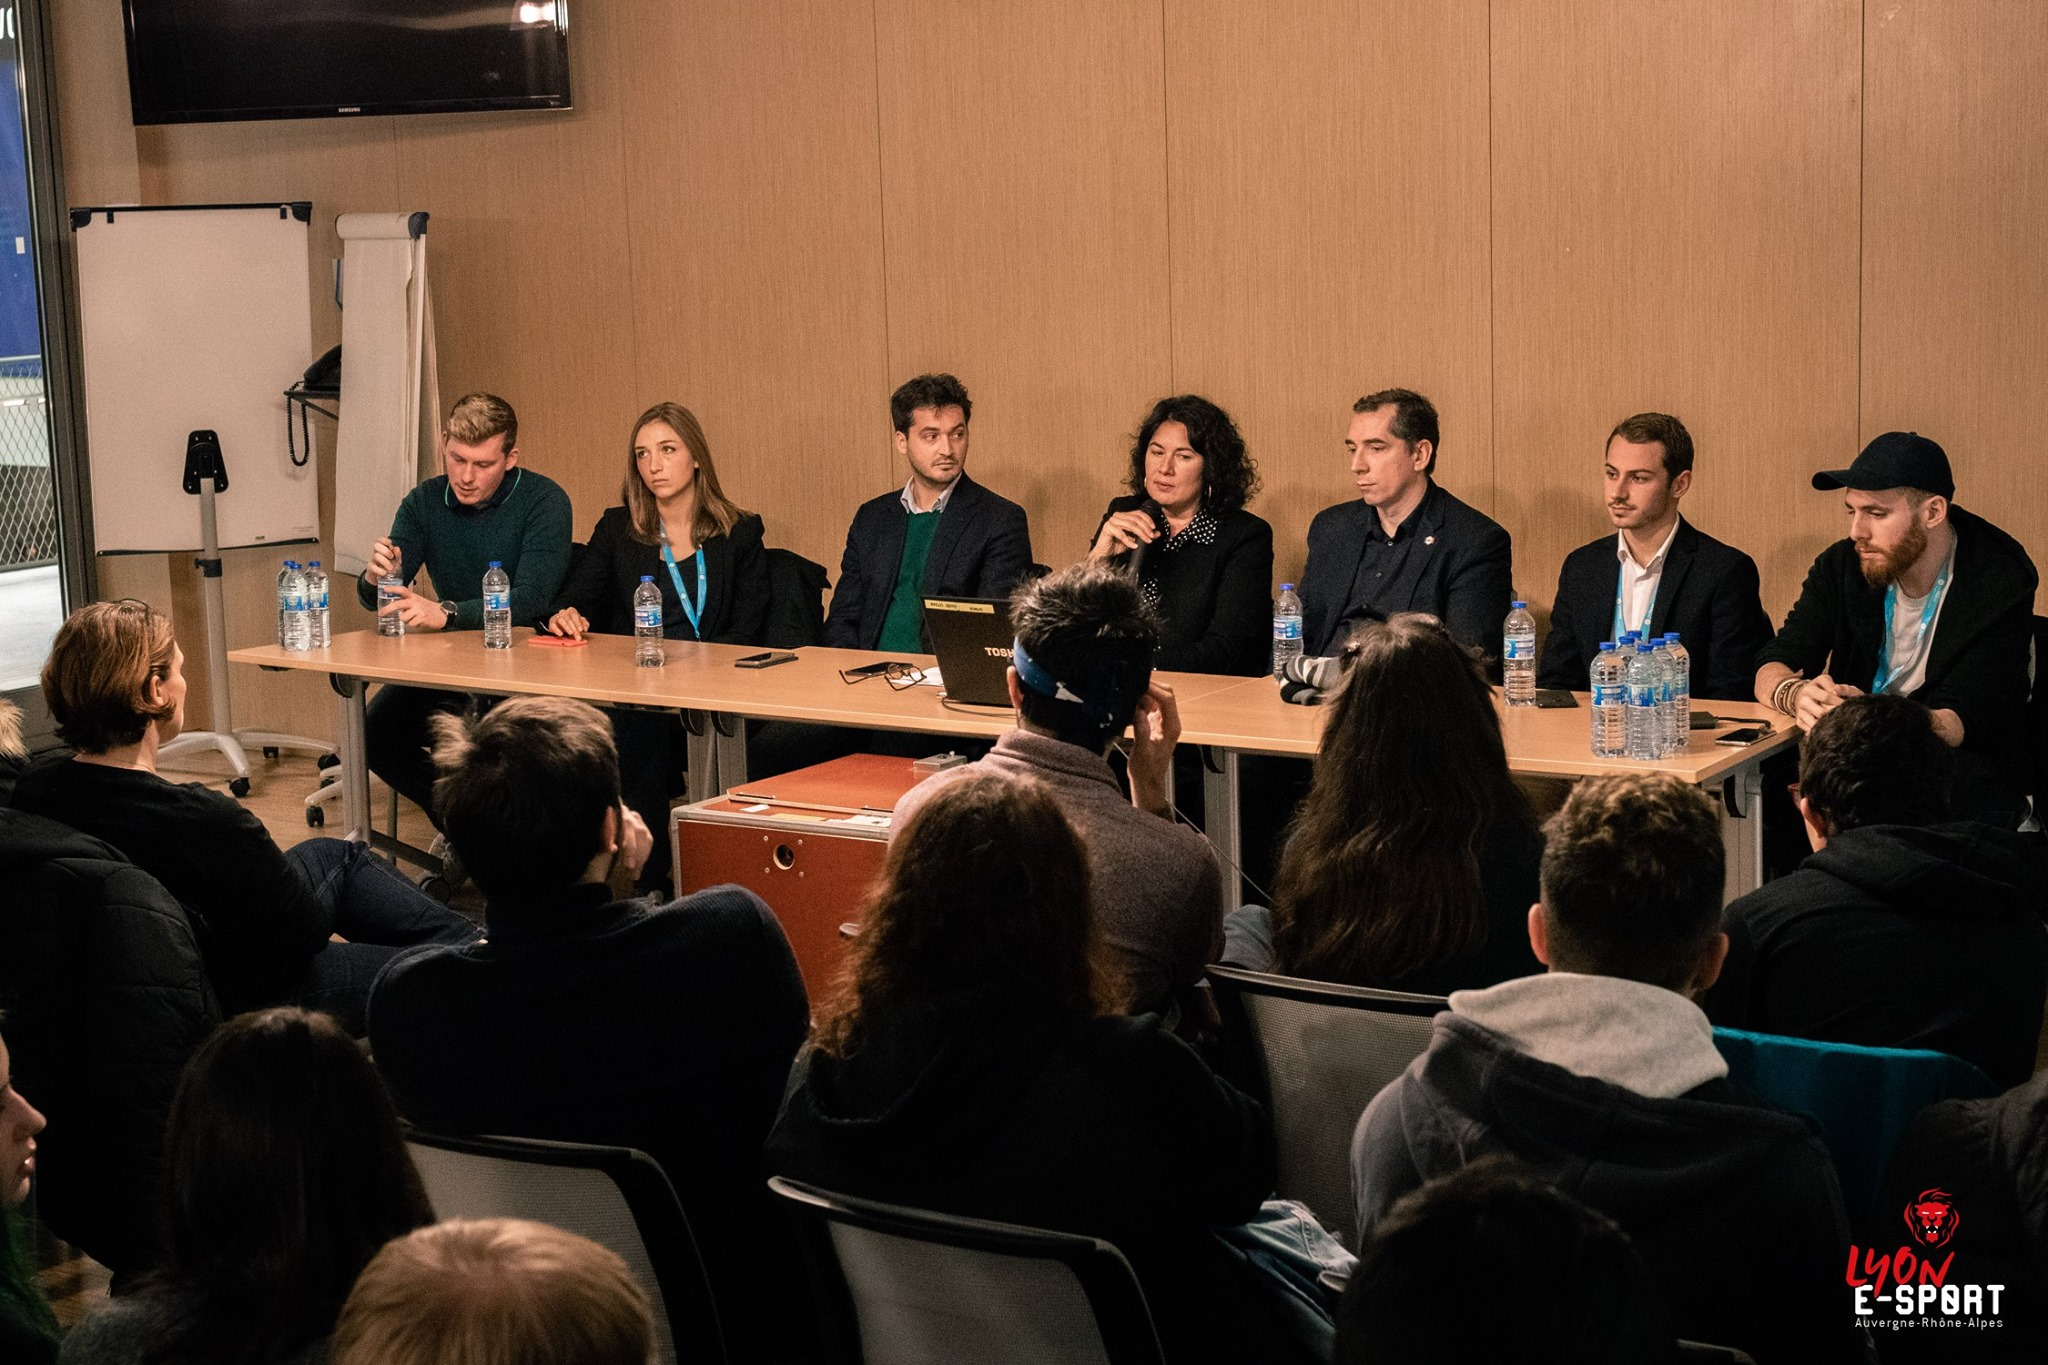 Gaming Summit - Esport, évolution et encadrement légal - France Esport, Gaming Campus & PCS Avocat